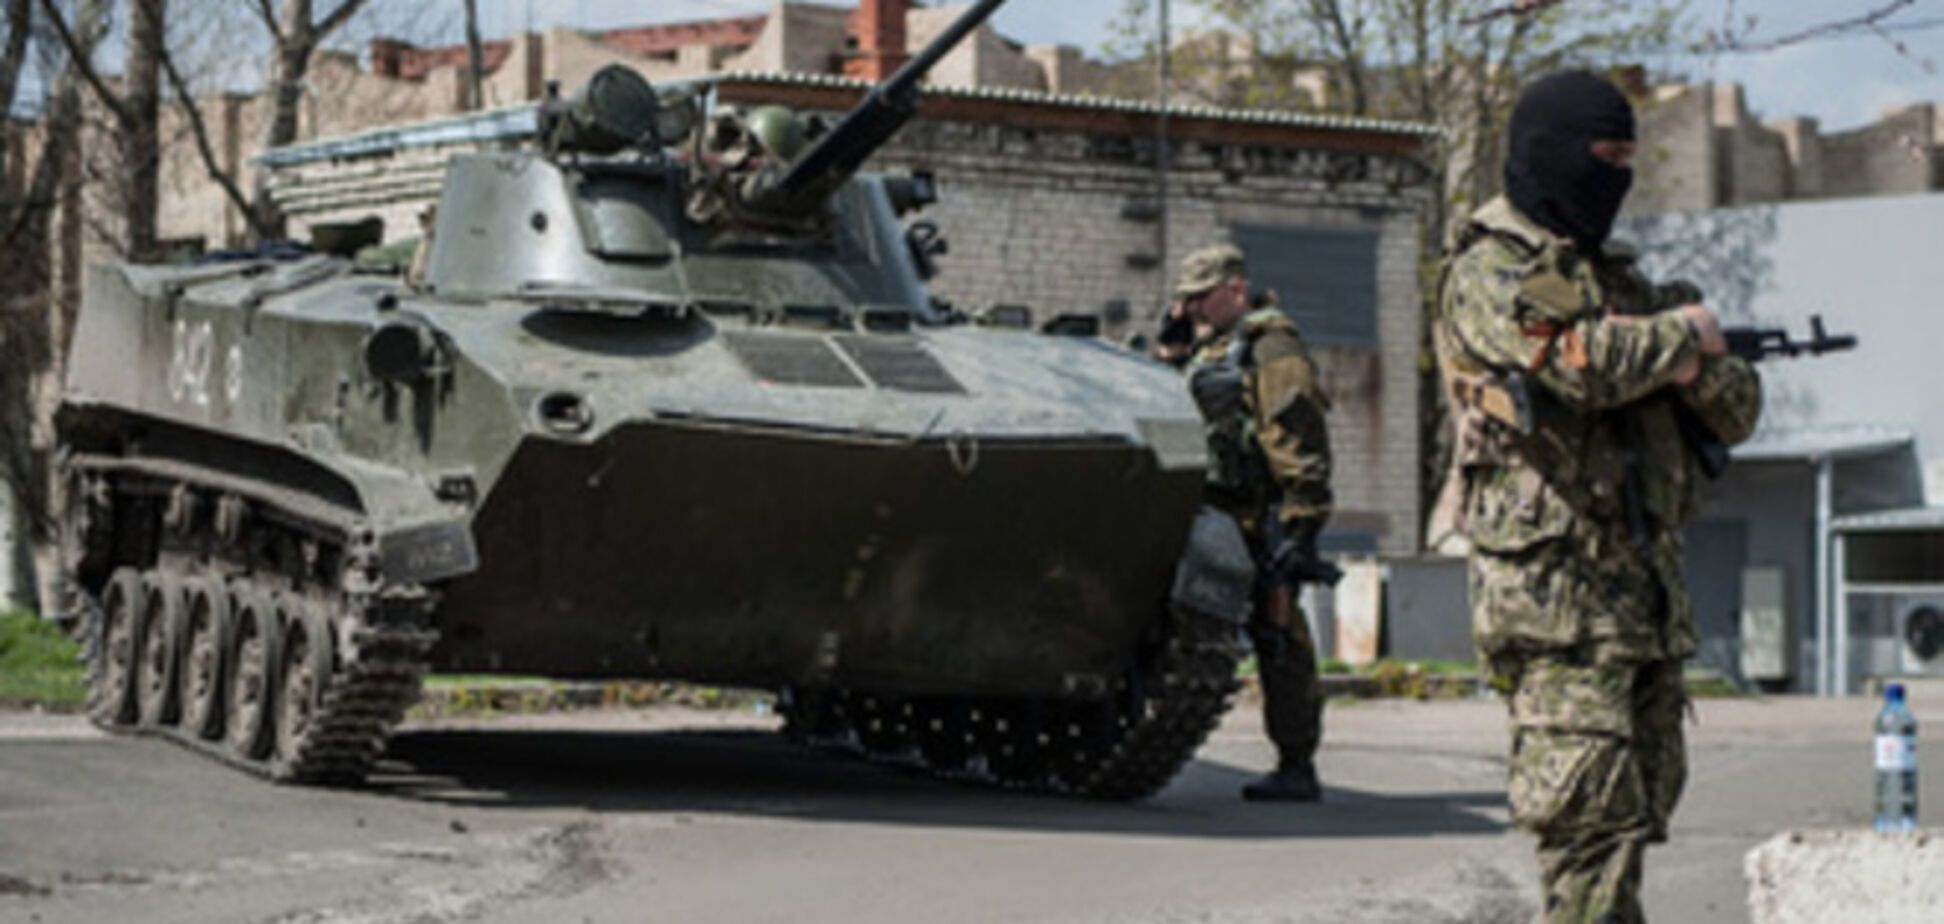 Бойовики захопили приміщення декількох держпідприємств Донеччини під стоянку для своєї військової техніки